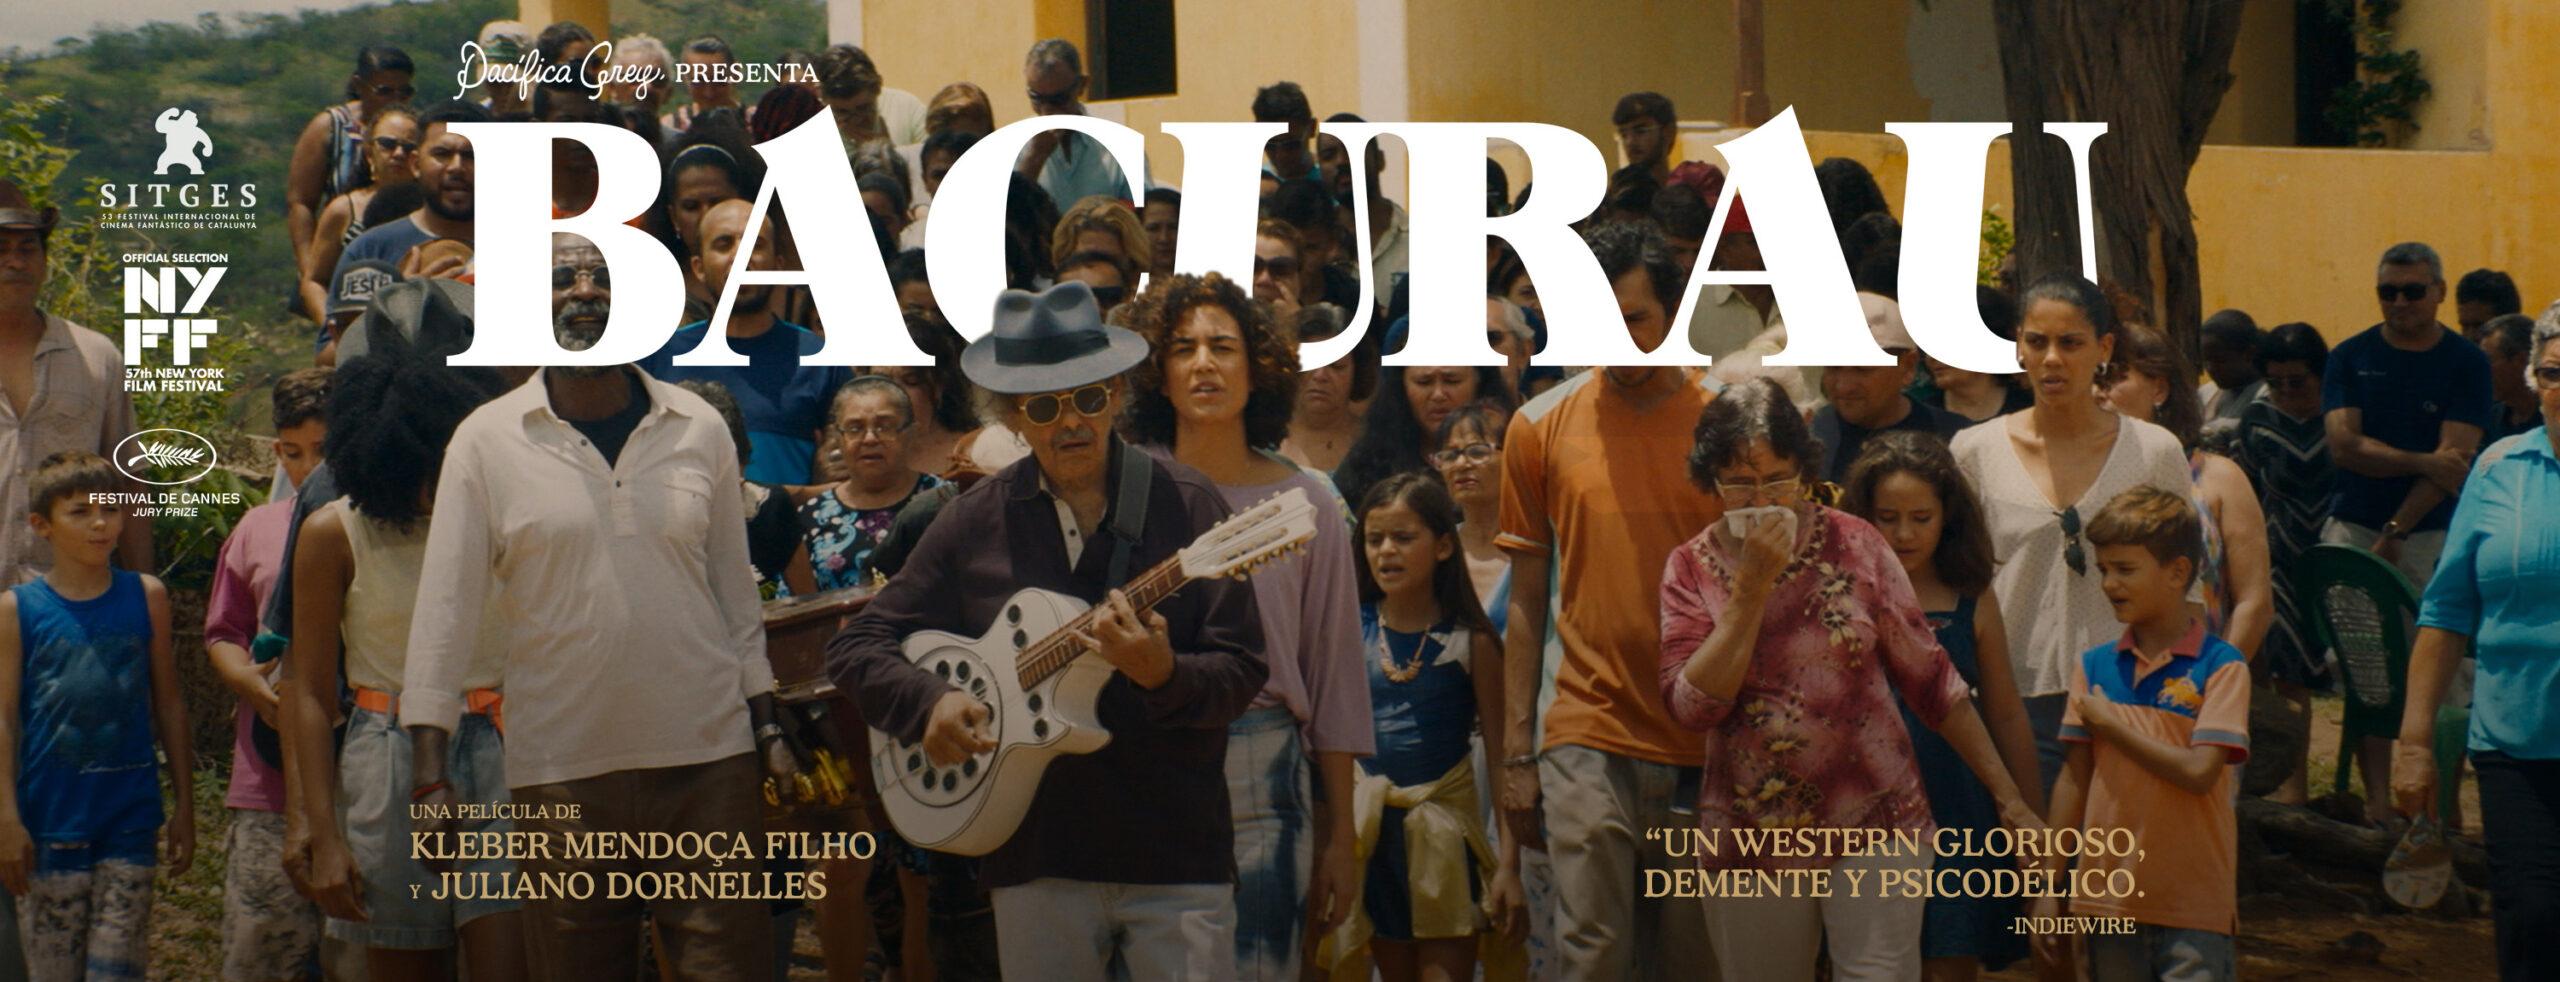 """Aclamada película """"BACURAU"""" llega a Panamá"""